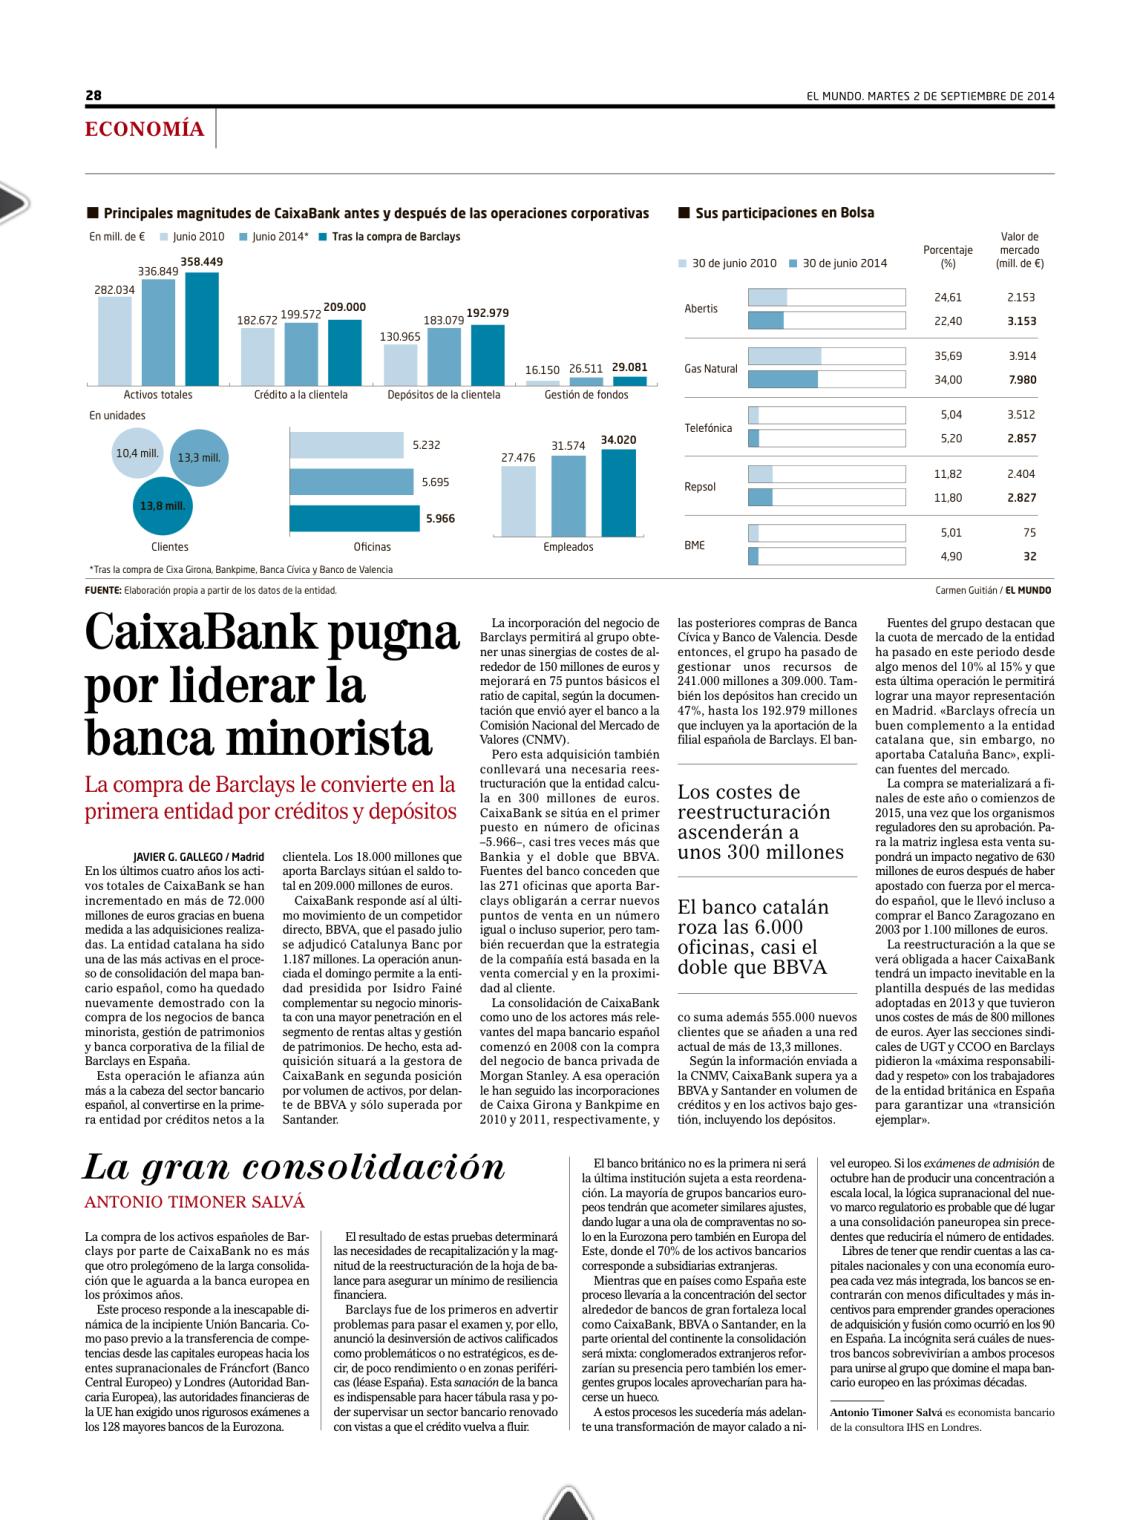 El Mundo - 2 Septembre - External Contribution